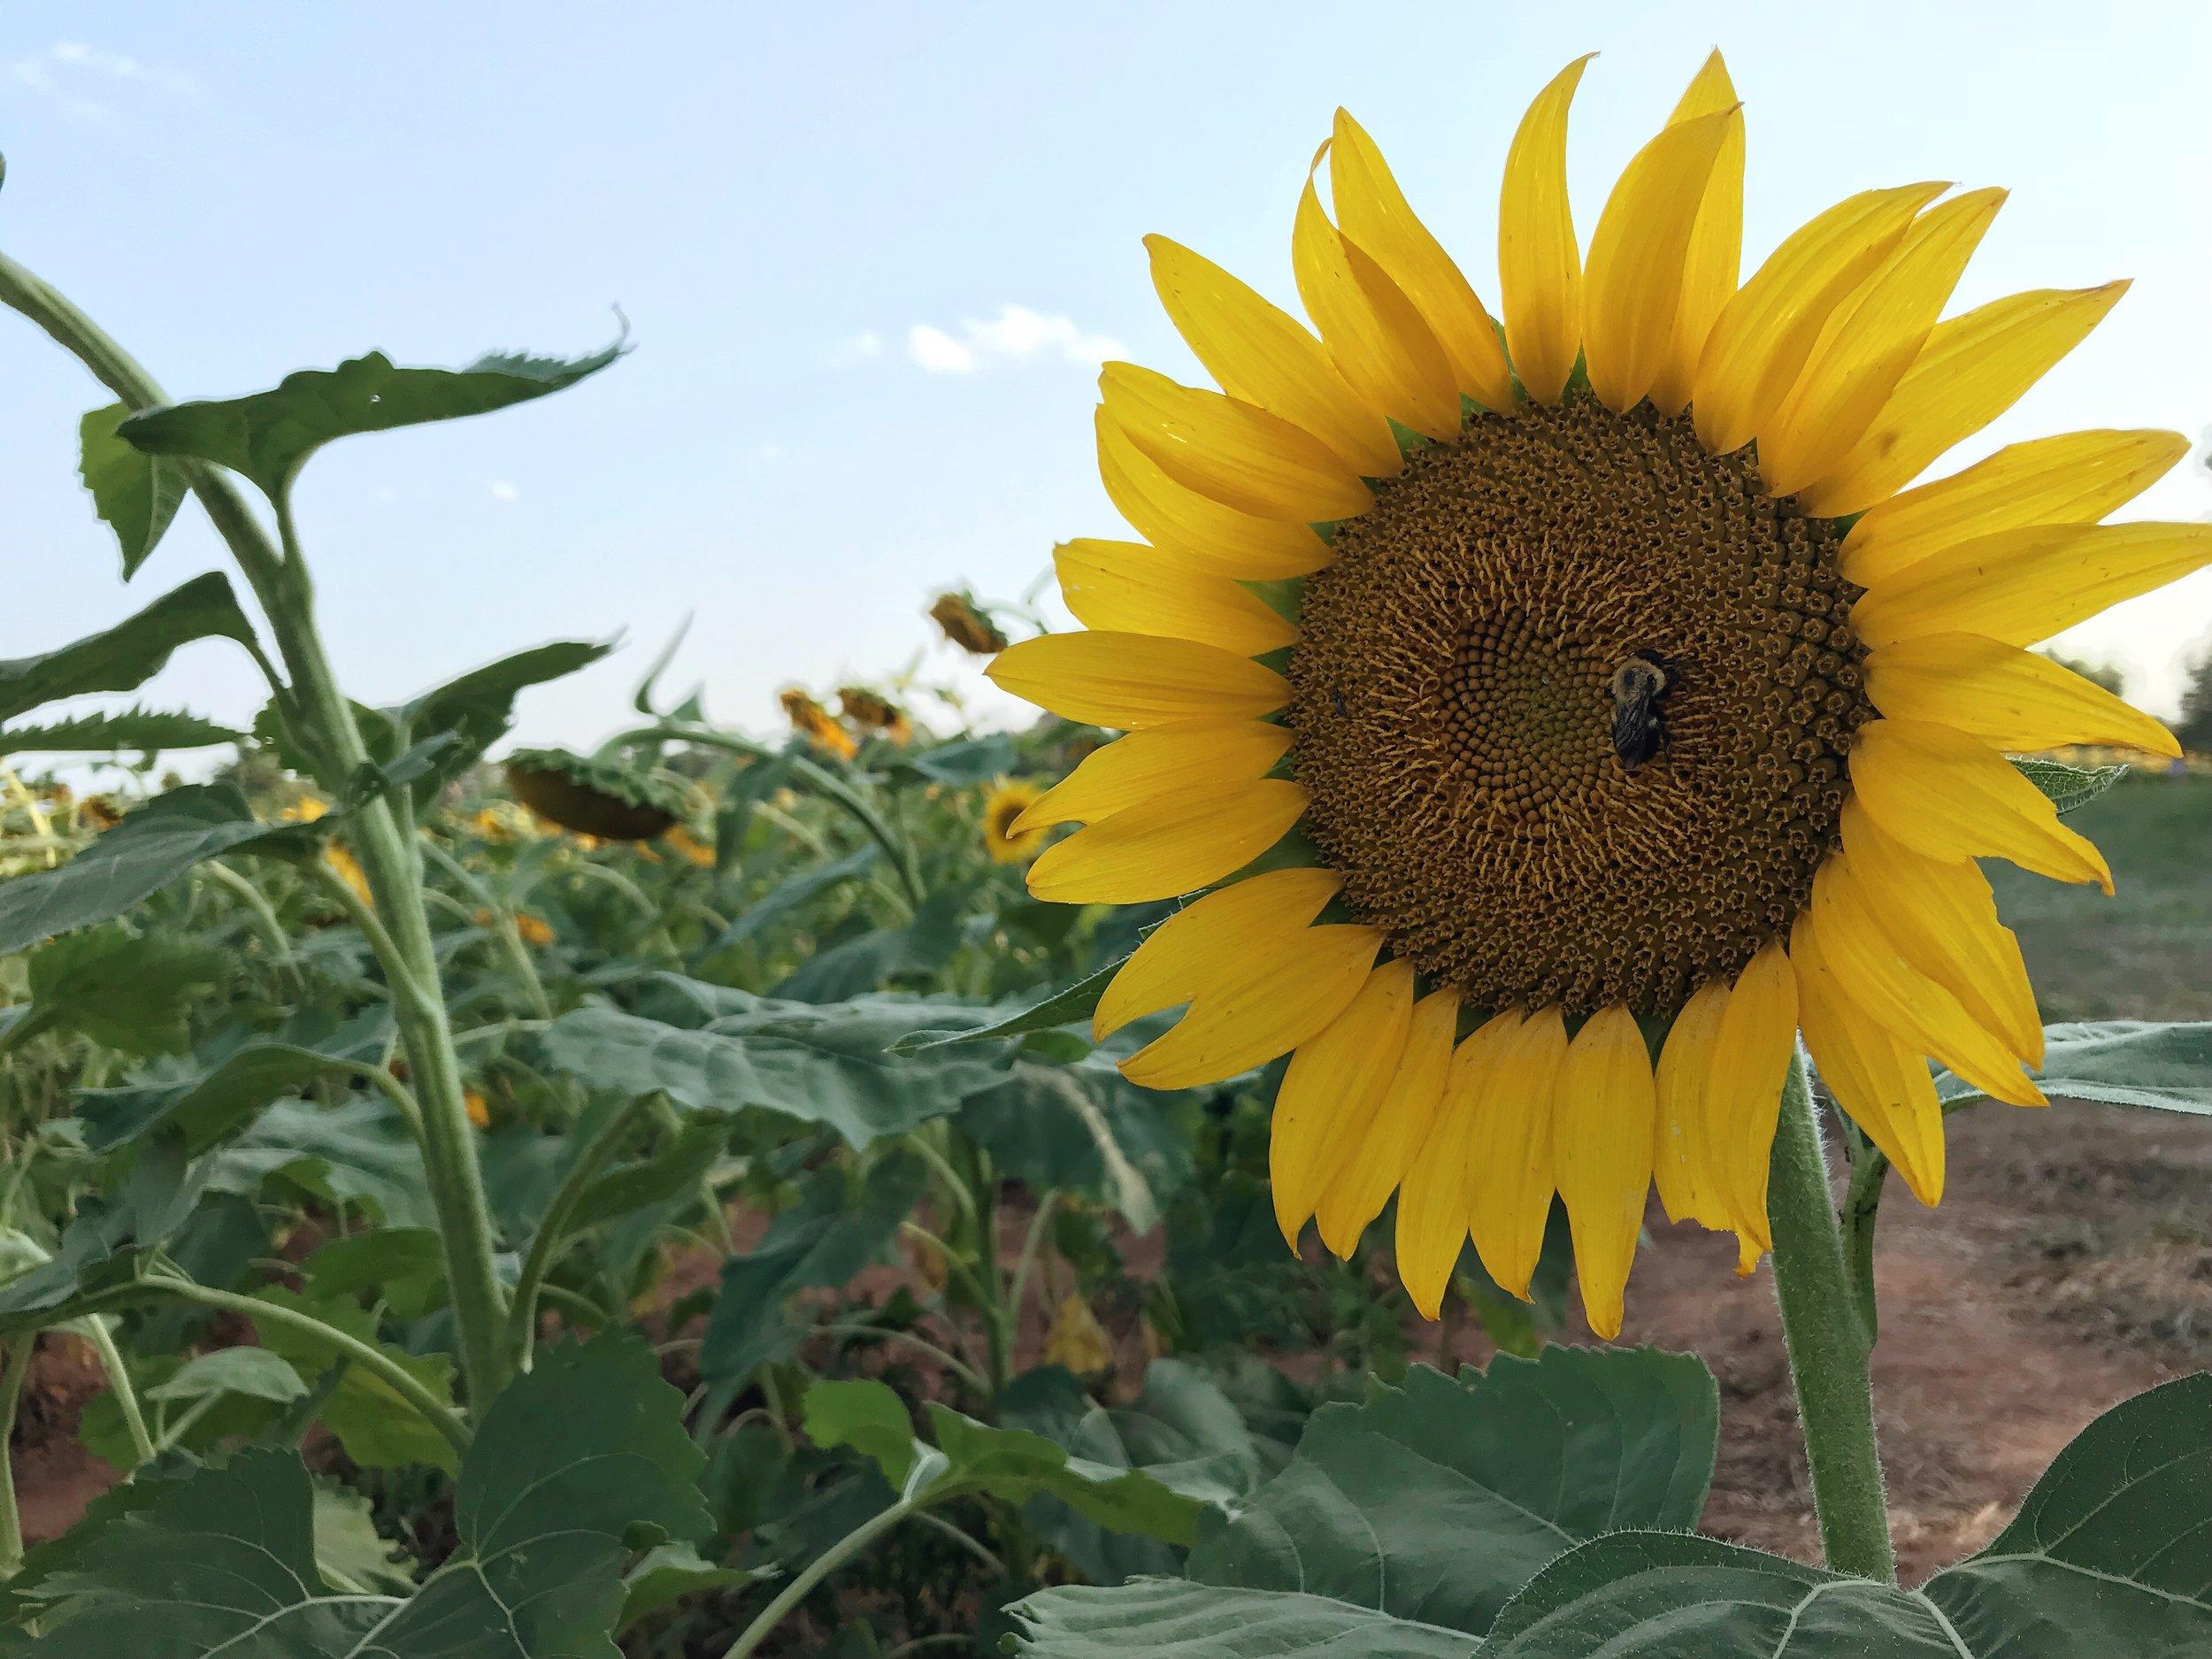 mcKee-beshers-sunflowers-nora-knox-2.jpg